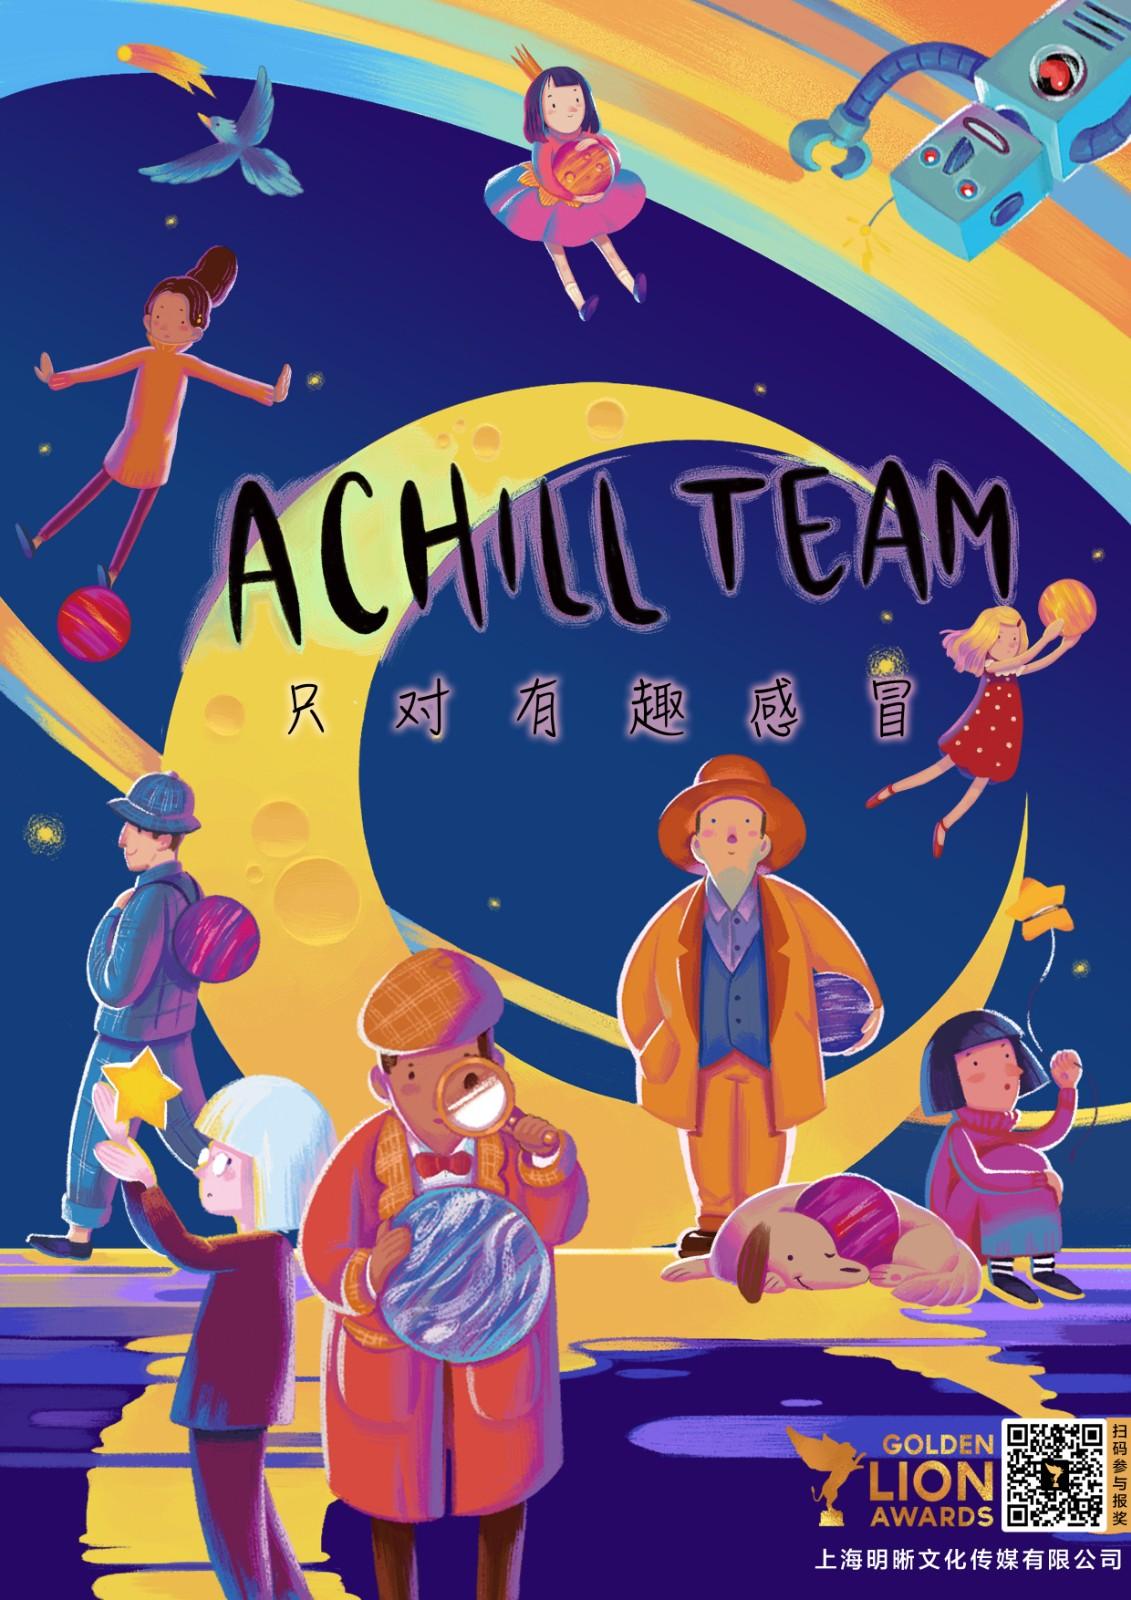 上海明晰achill team 海报.jpg